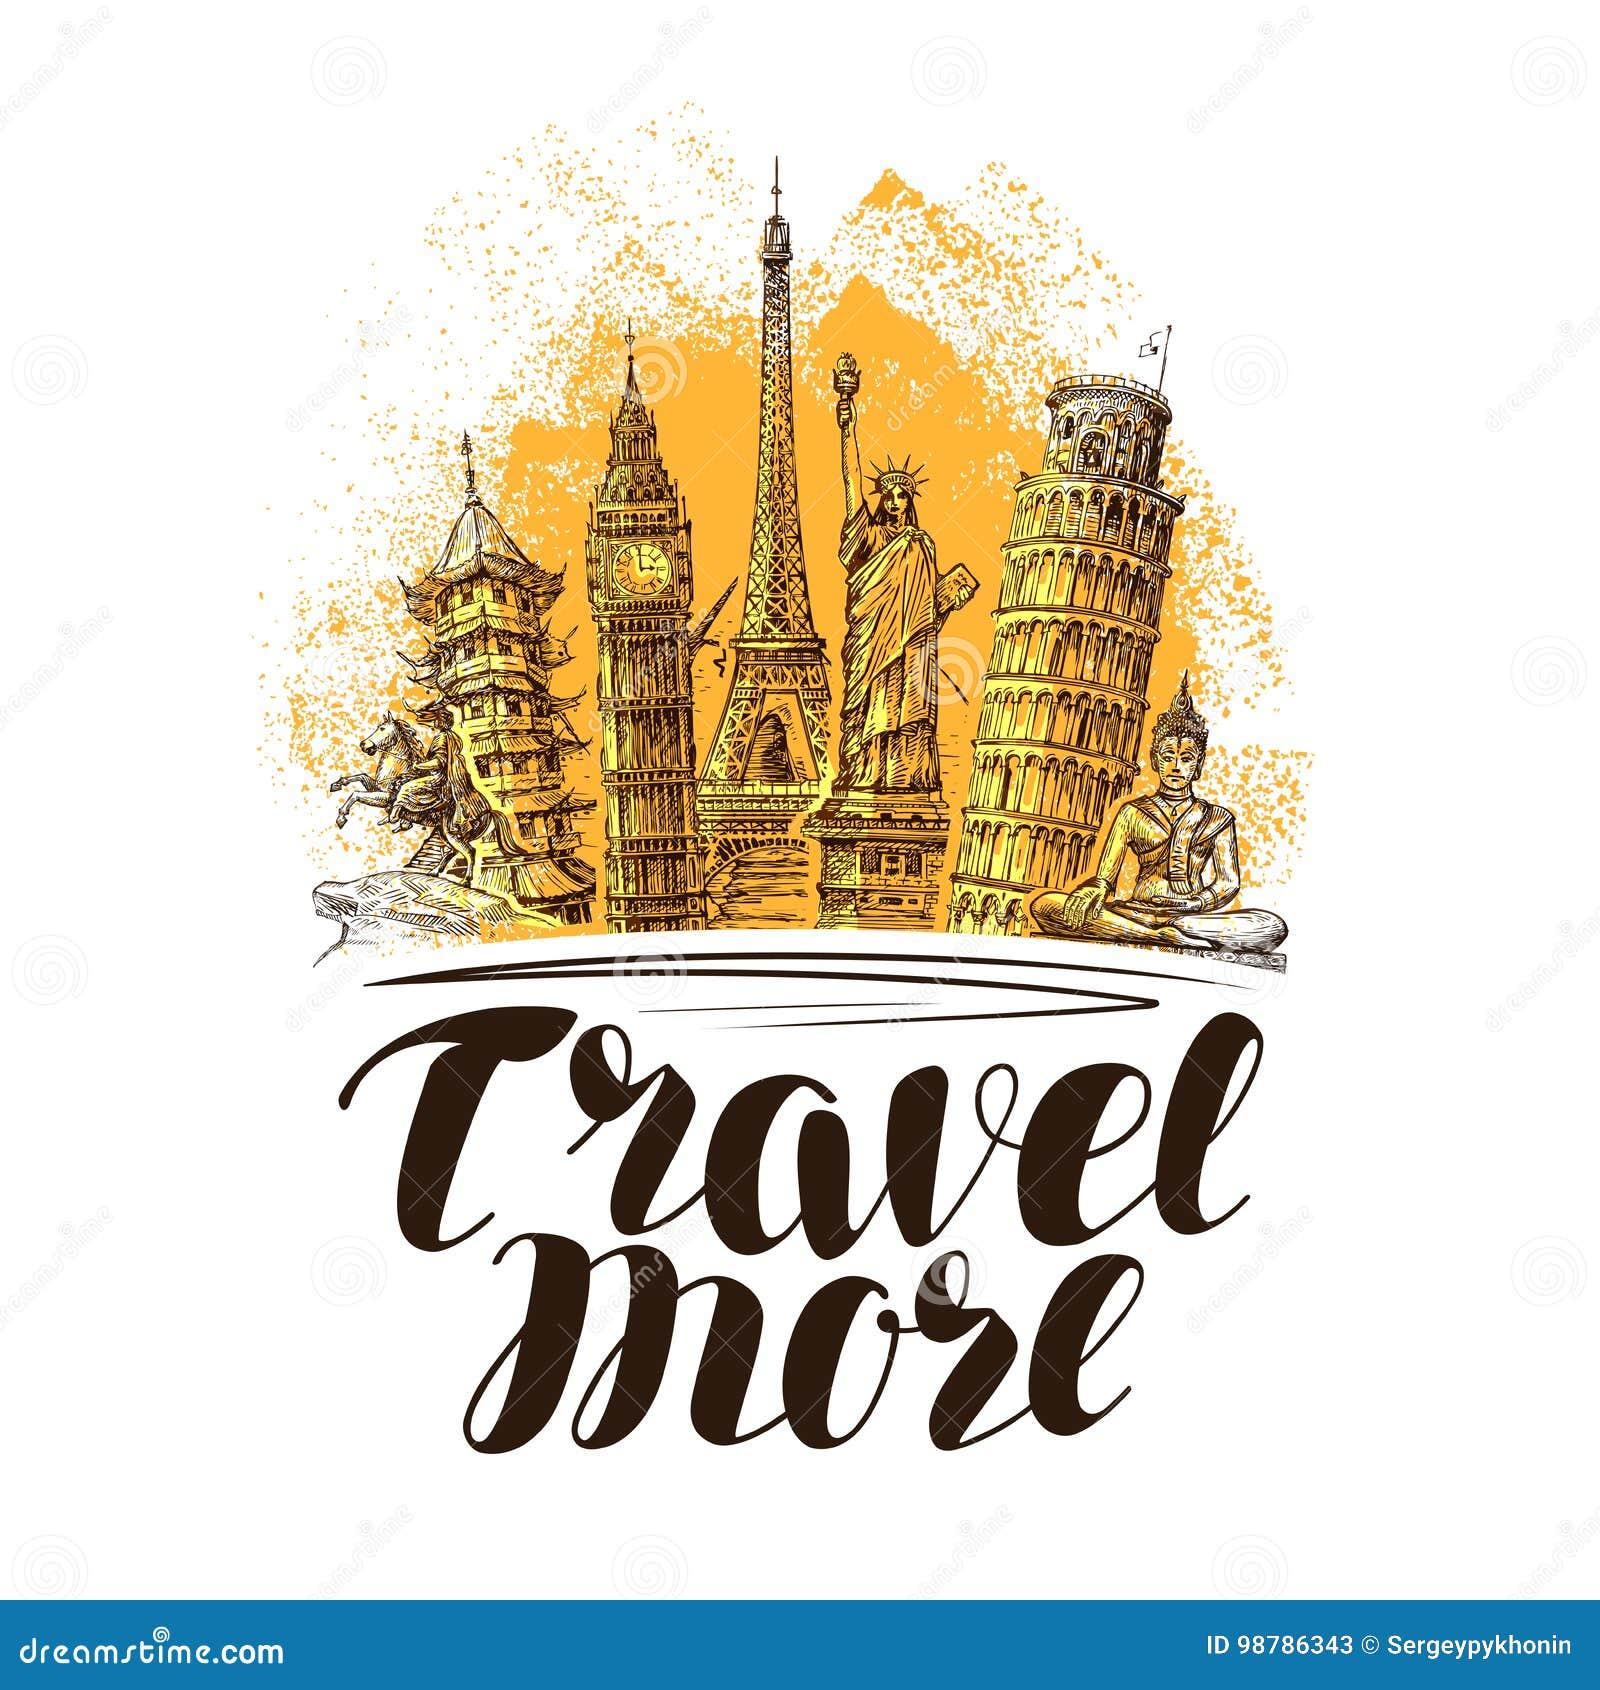 Ταξίδι, έμβλημα ταξιδιών Διάσημα παγκόσμια ορόσημα Διανυσματική απεικόνιση σκίτσων